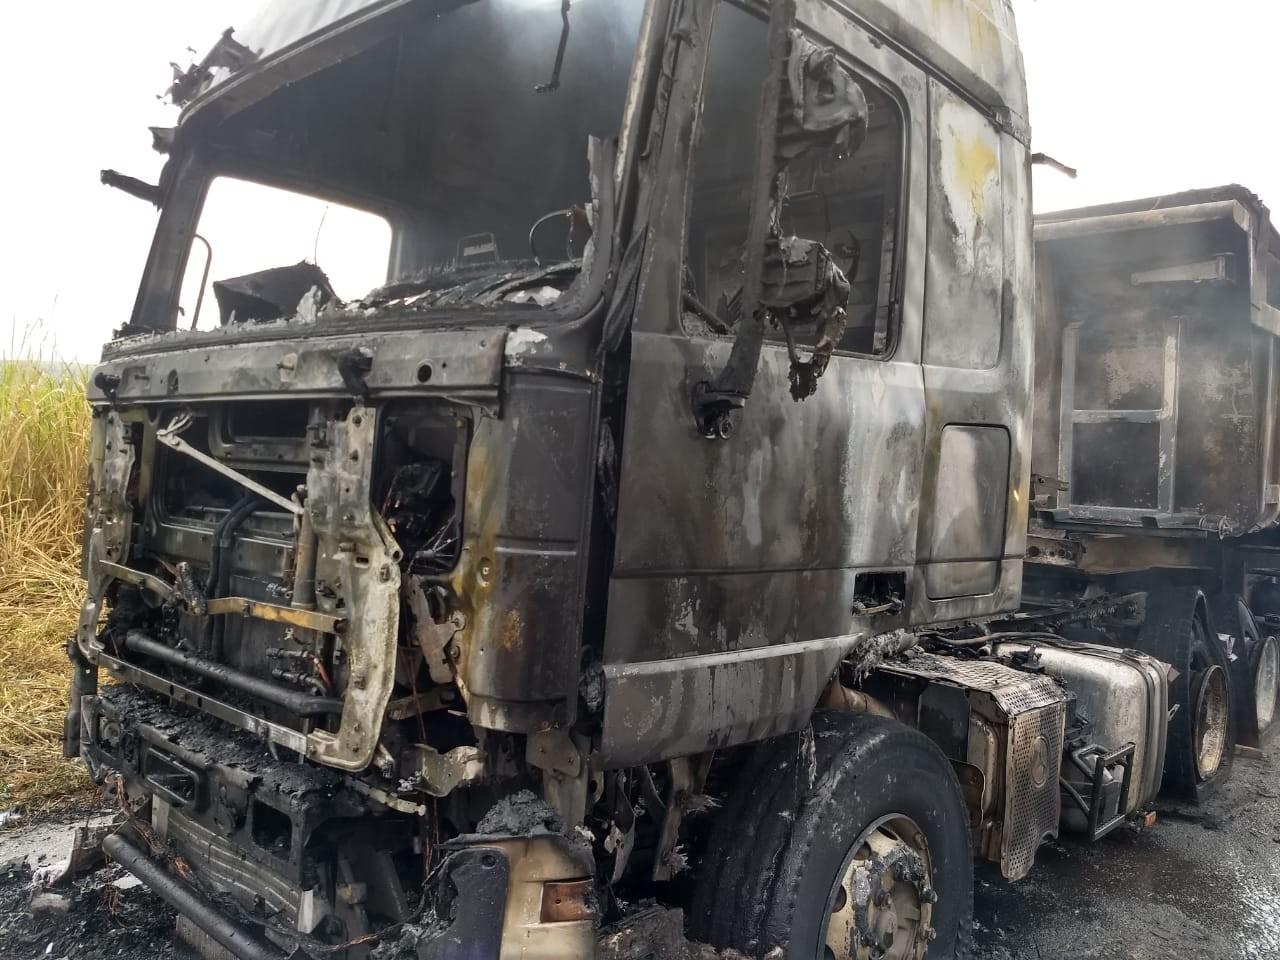 Caminhão carregado com argila pega fogo na SP-191 em São Manuel